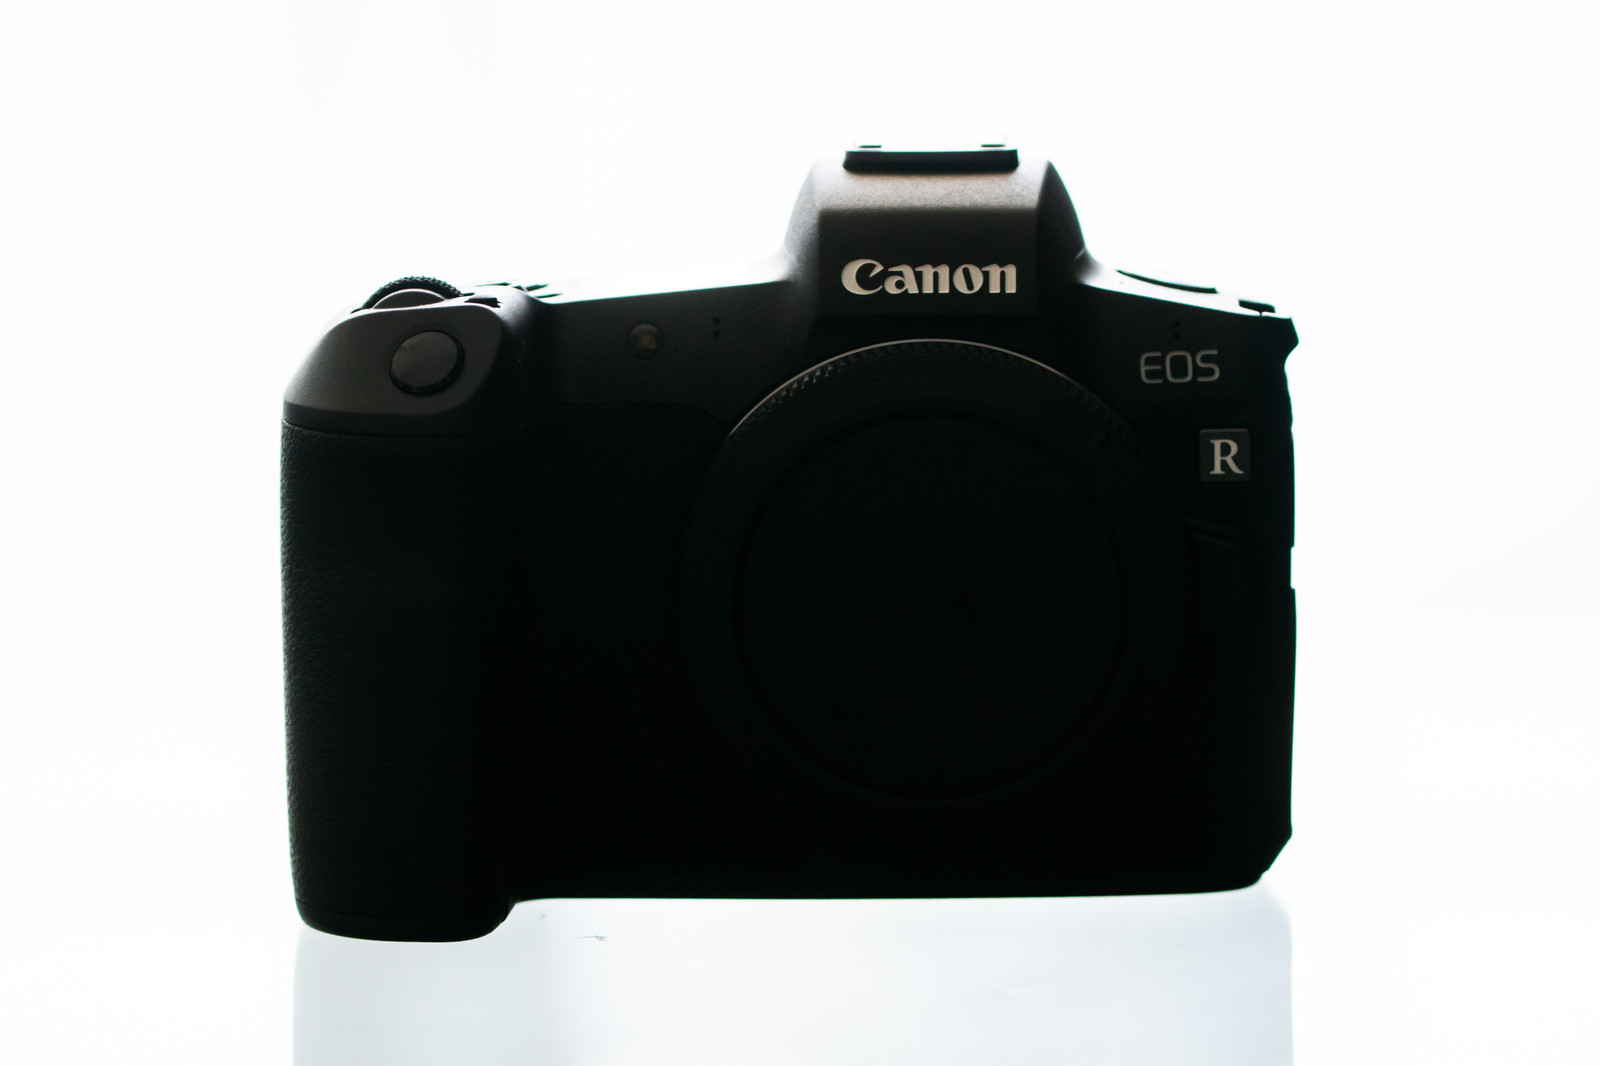 「デジタルミラーレス一眼レフカメラ(CANON EOS R 白バック)」の写真